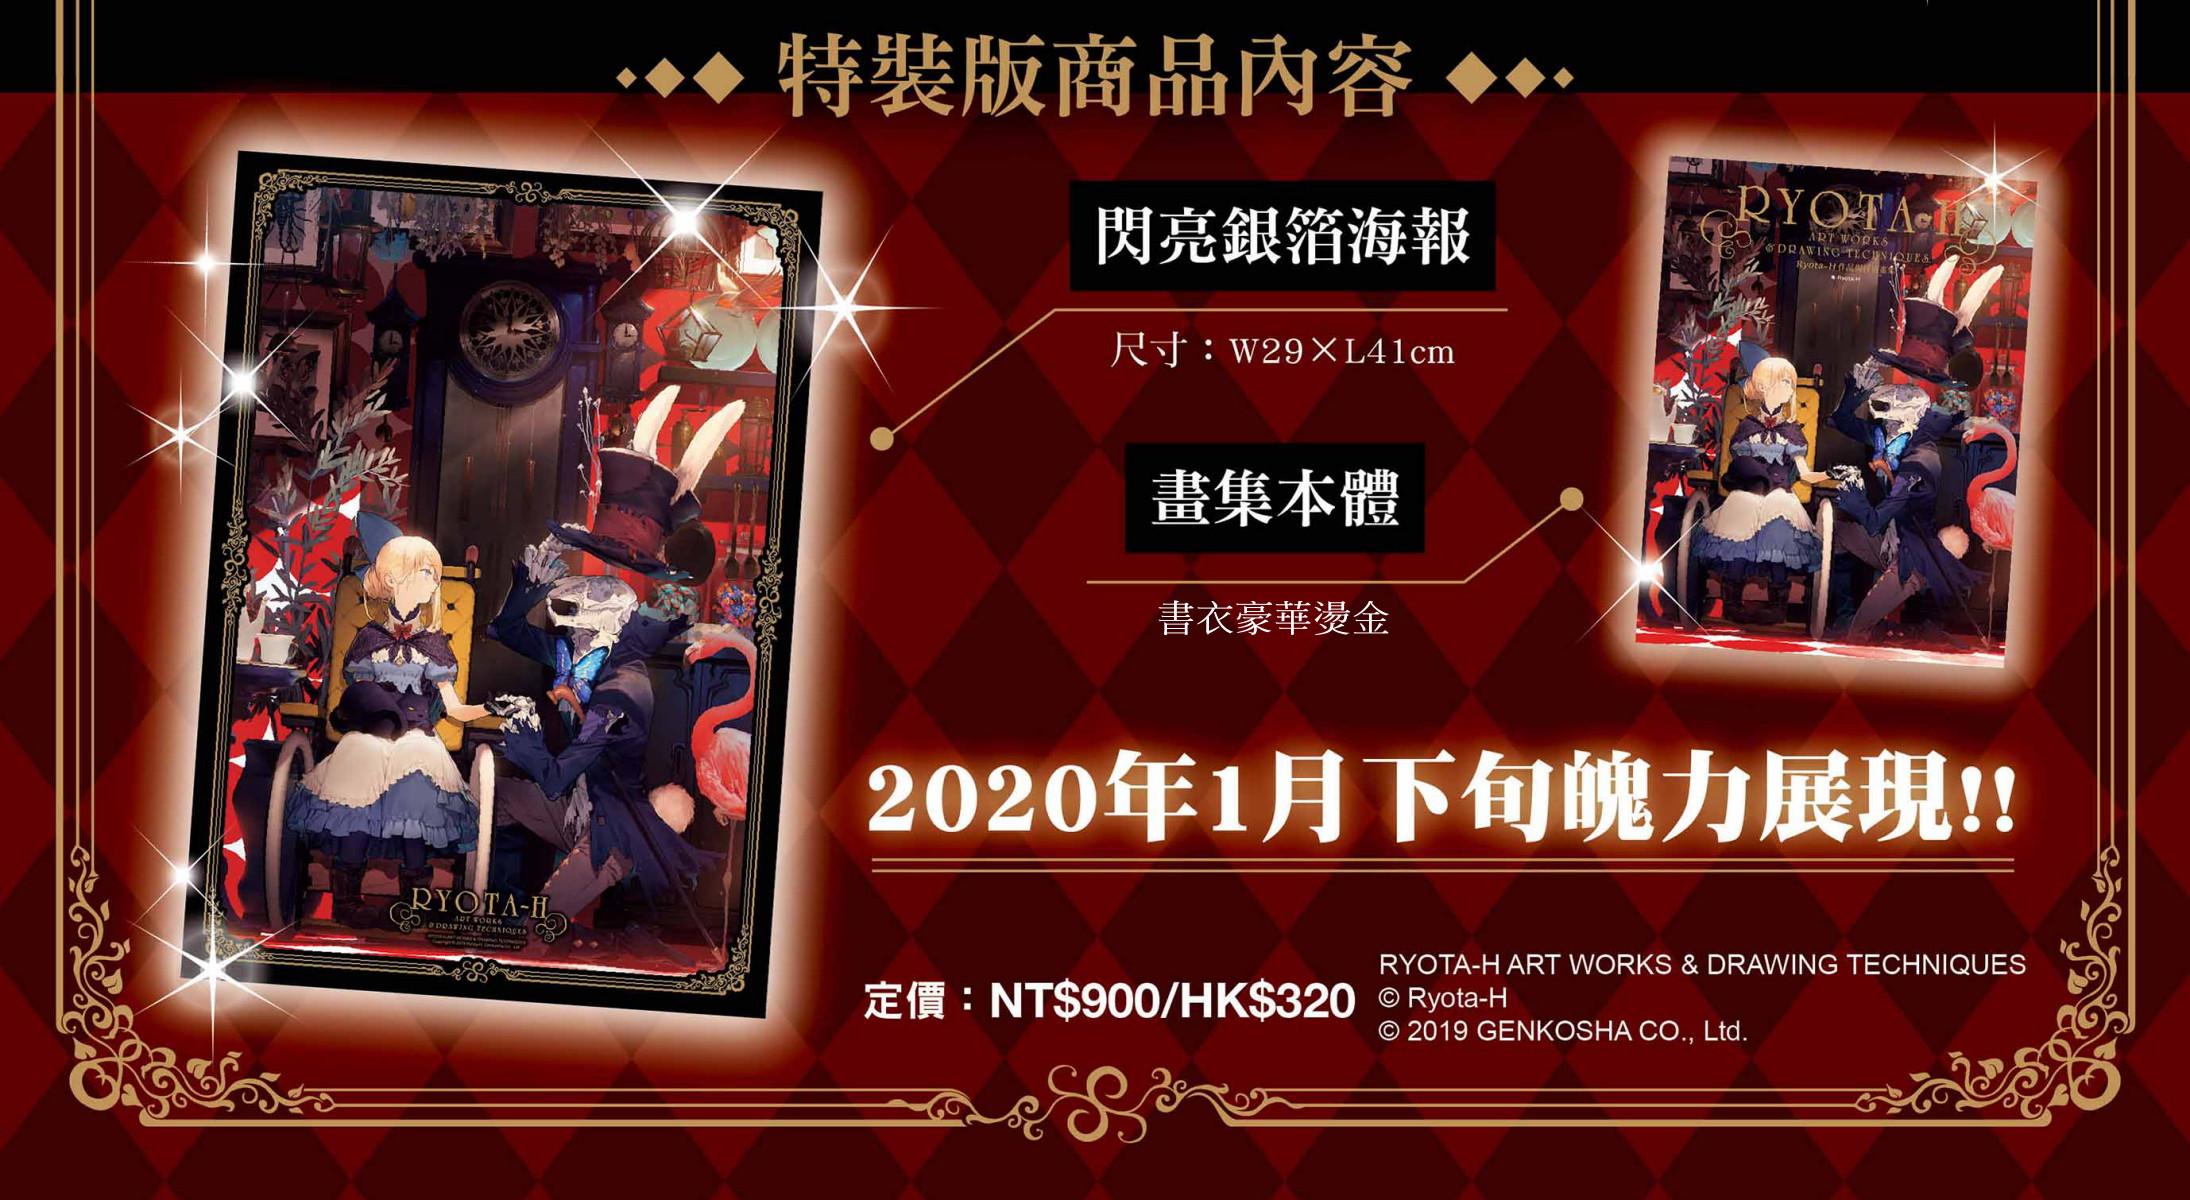 台灣角川「2020台北國際動漫節」  超過20組首賣書&40款全新精品情報 正式公開! Ryota-11